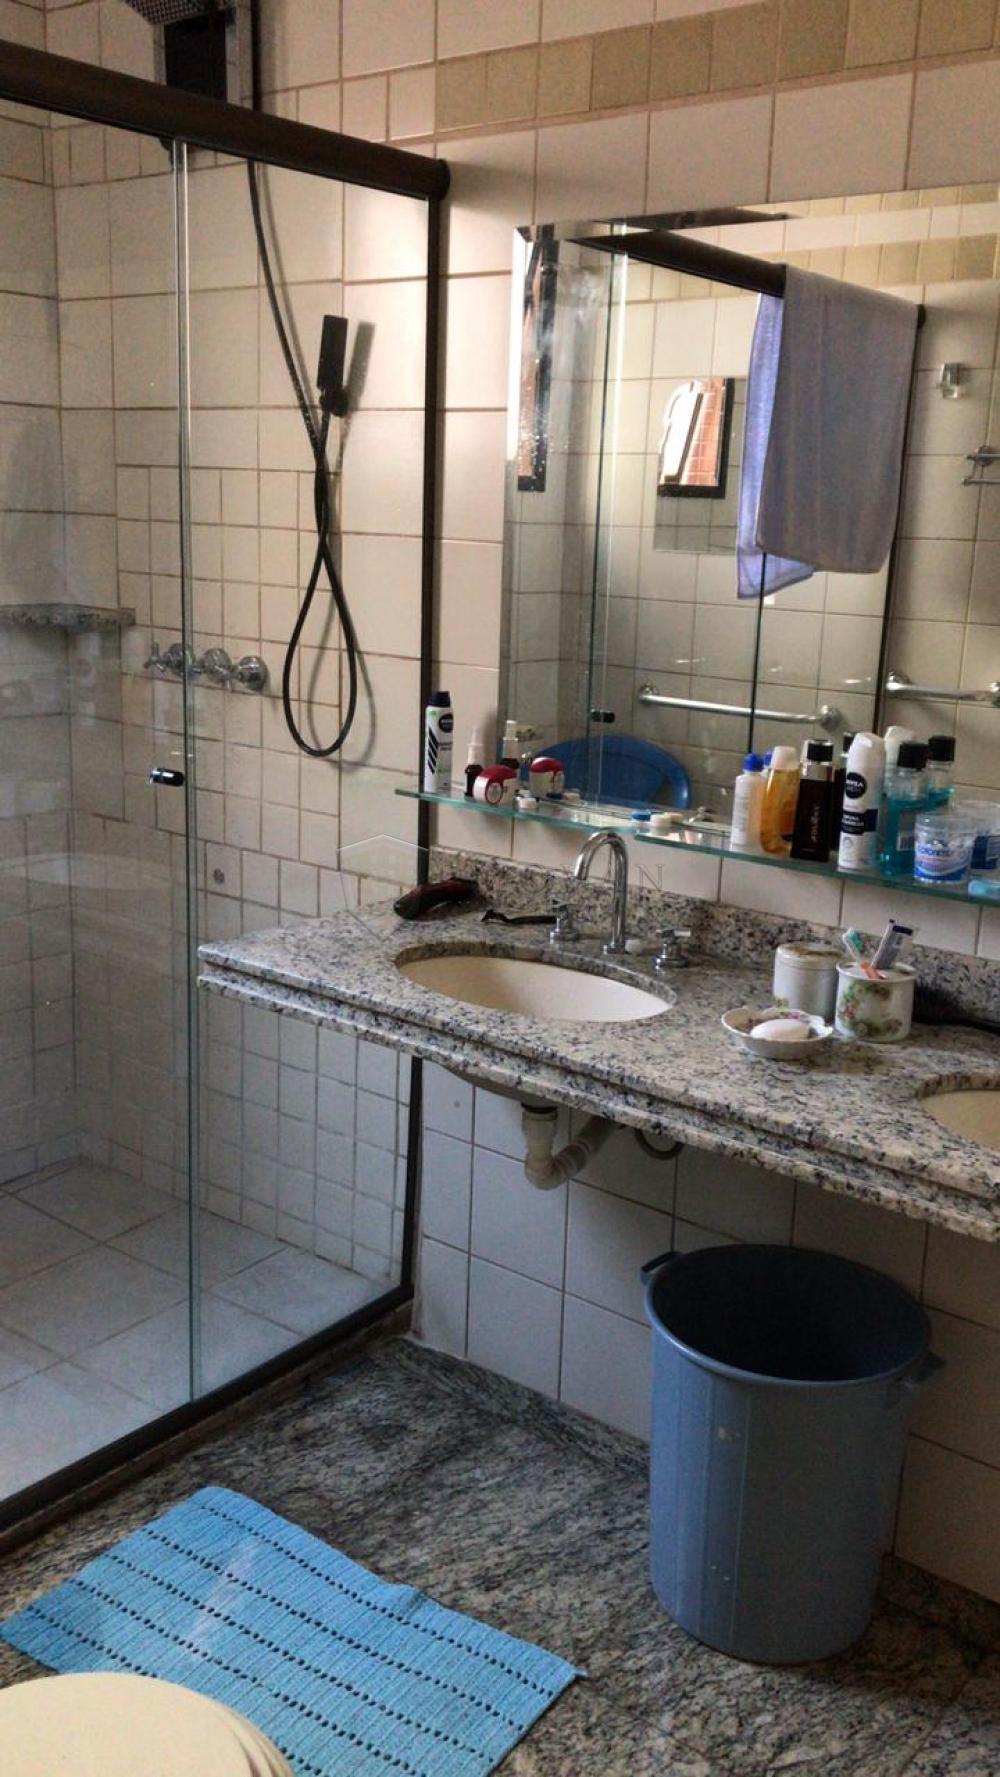 Comprar Apartamento / Padrão em Ribeirão Preto R$ 550.000,00 - Foto 11